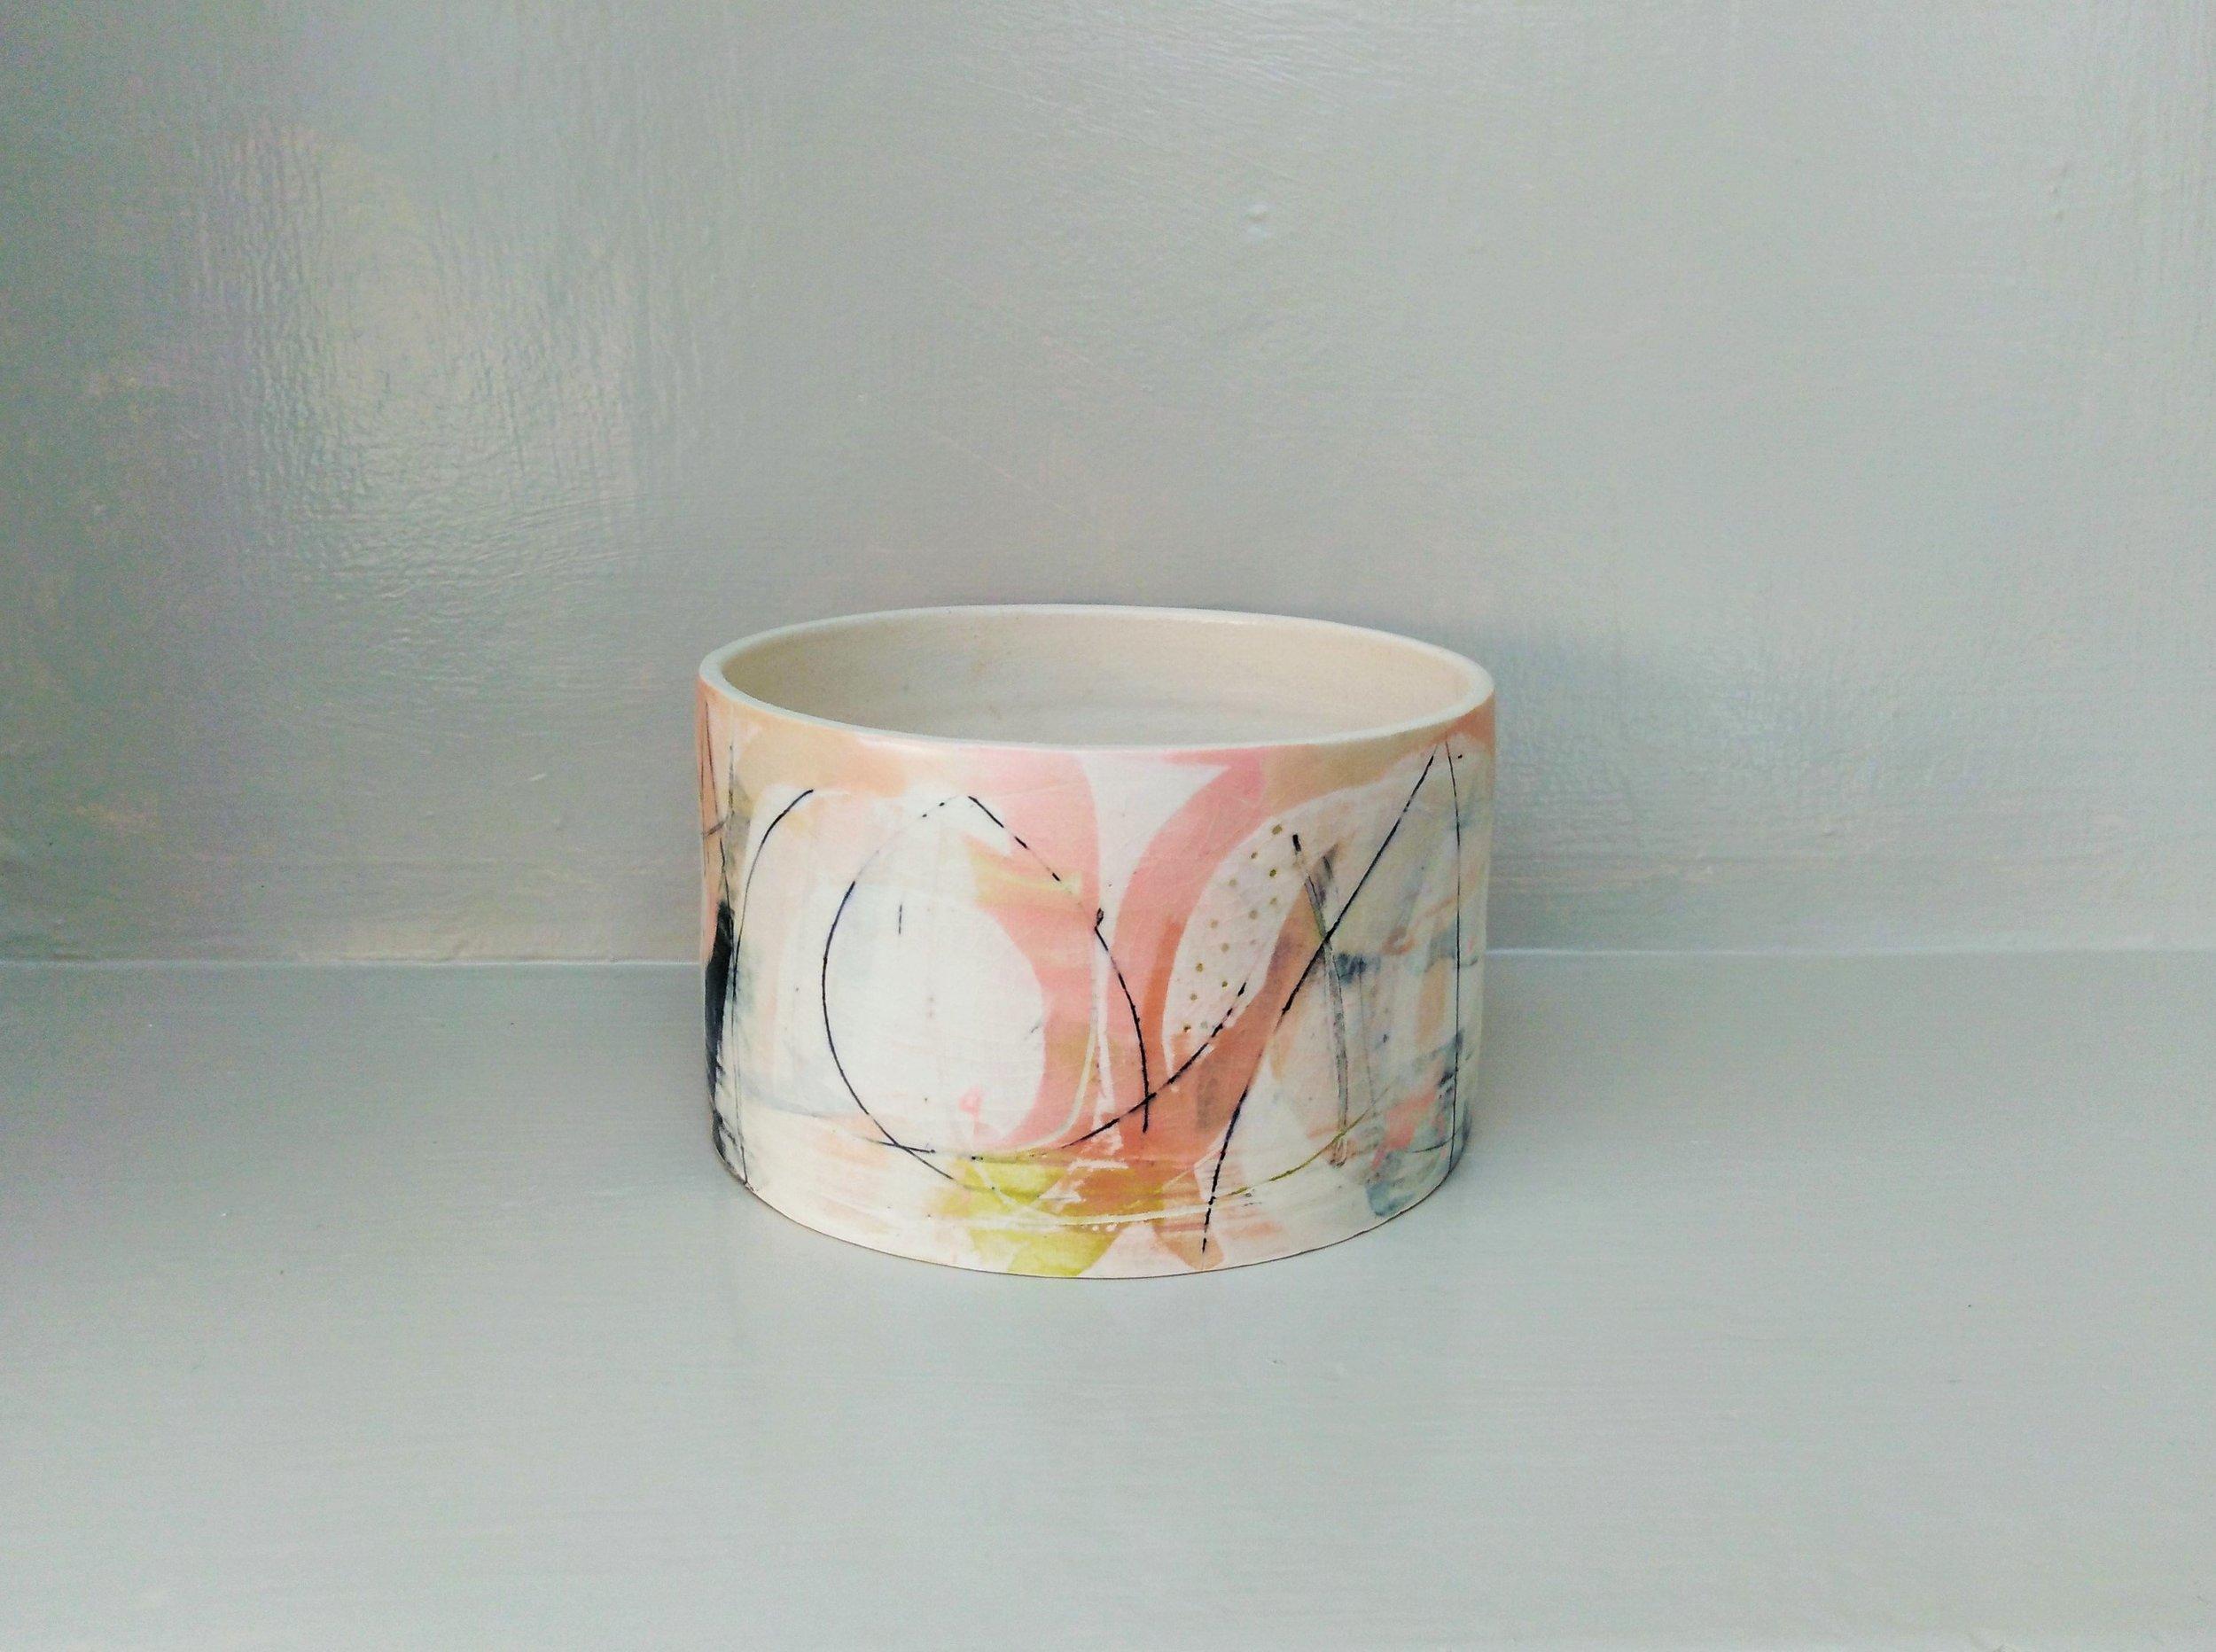 H8.5cm x W14cm  Ceramic  £59